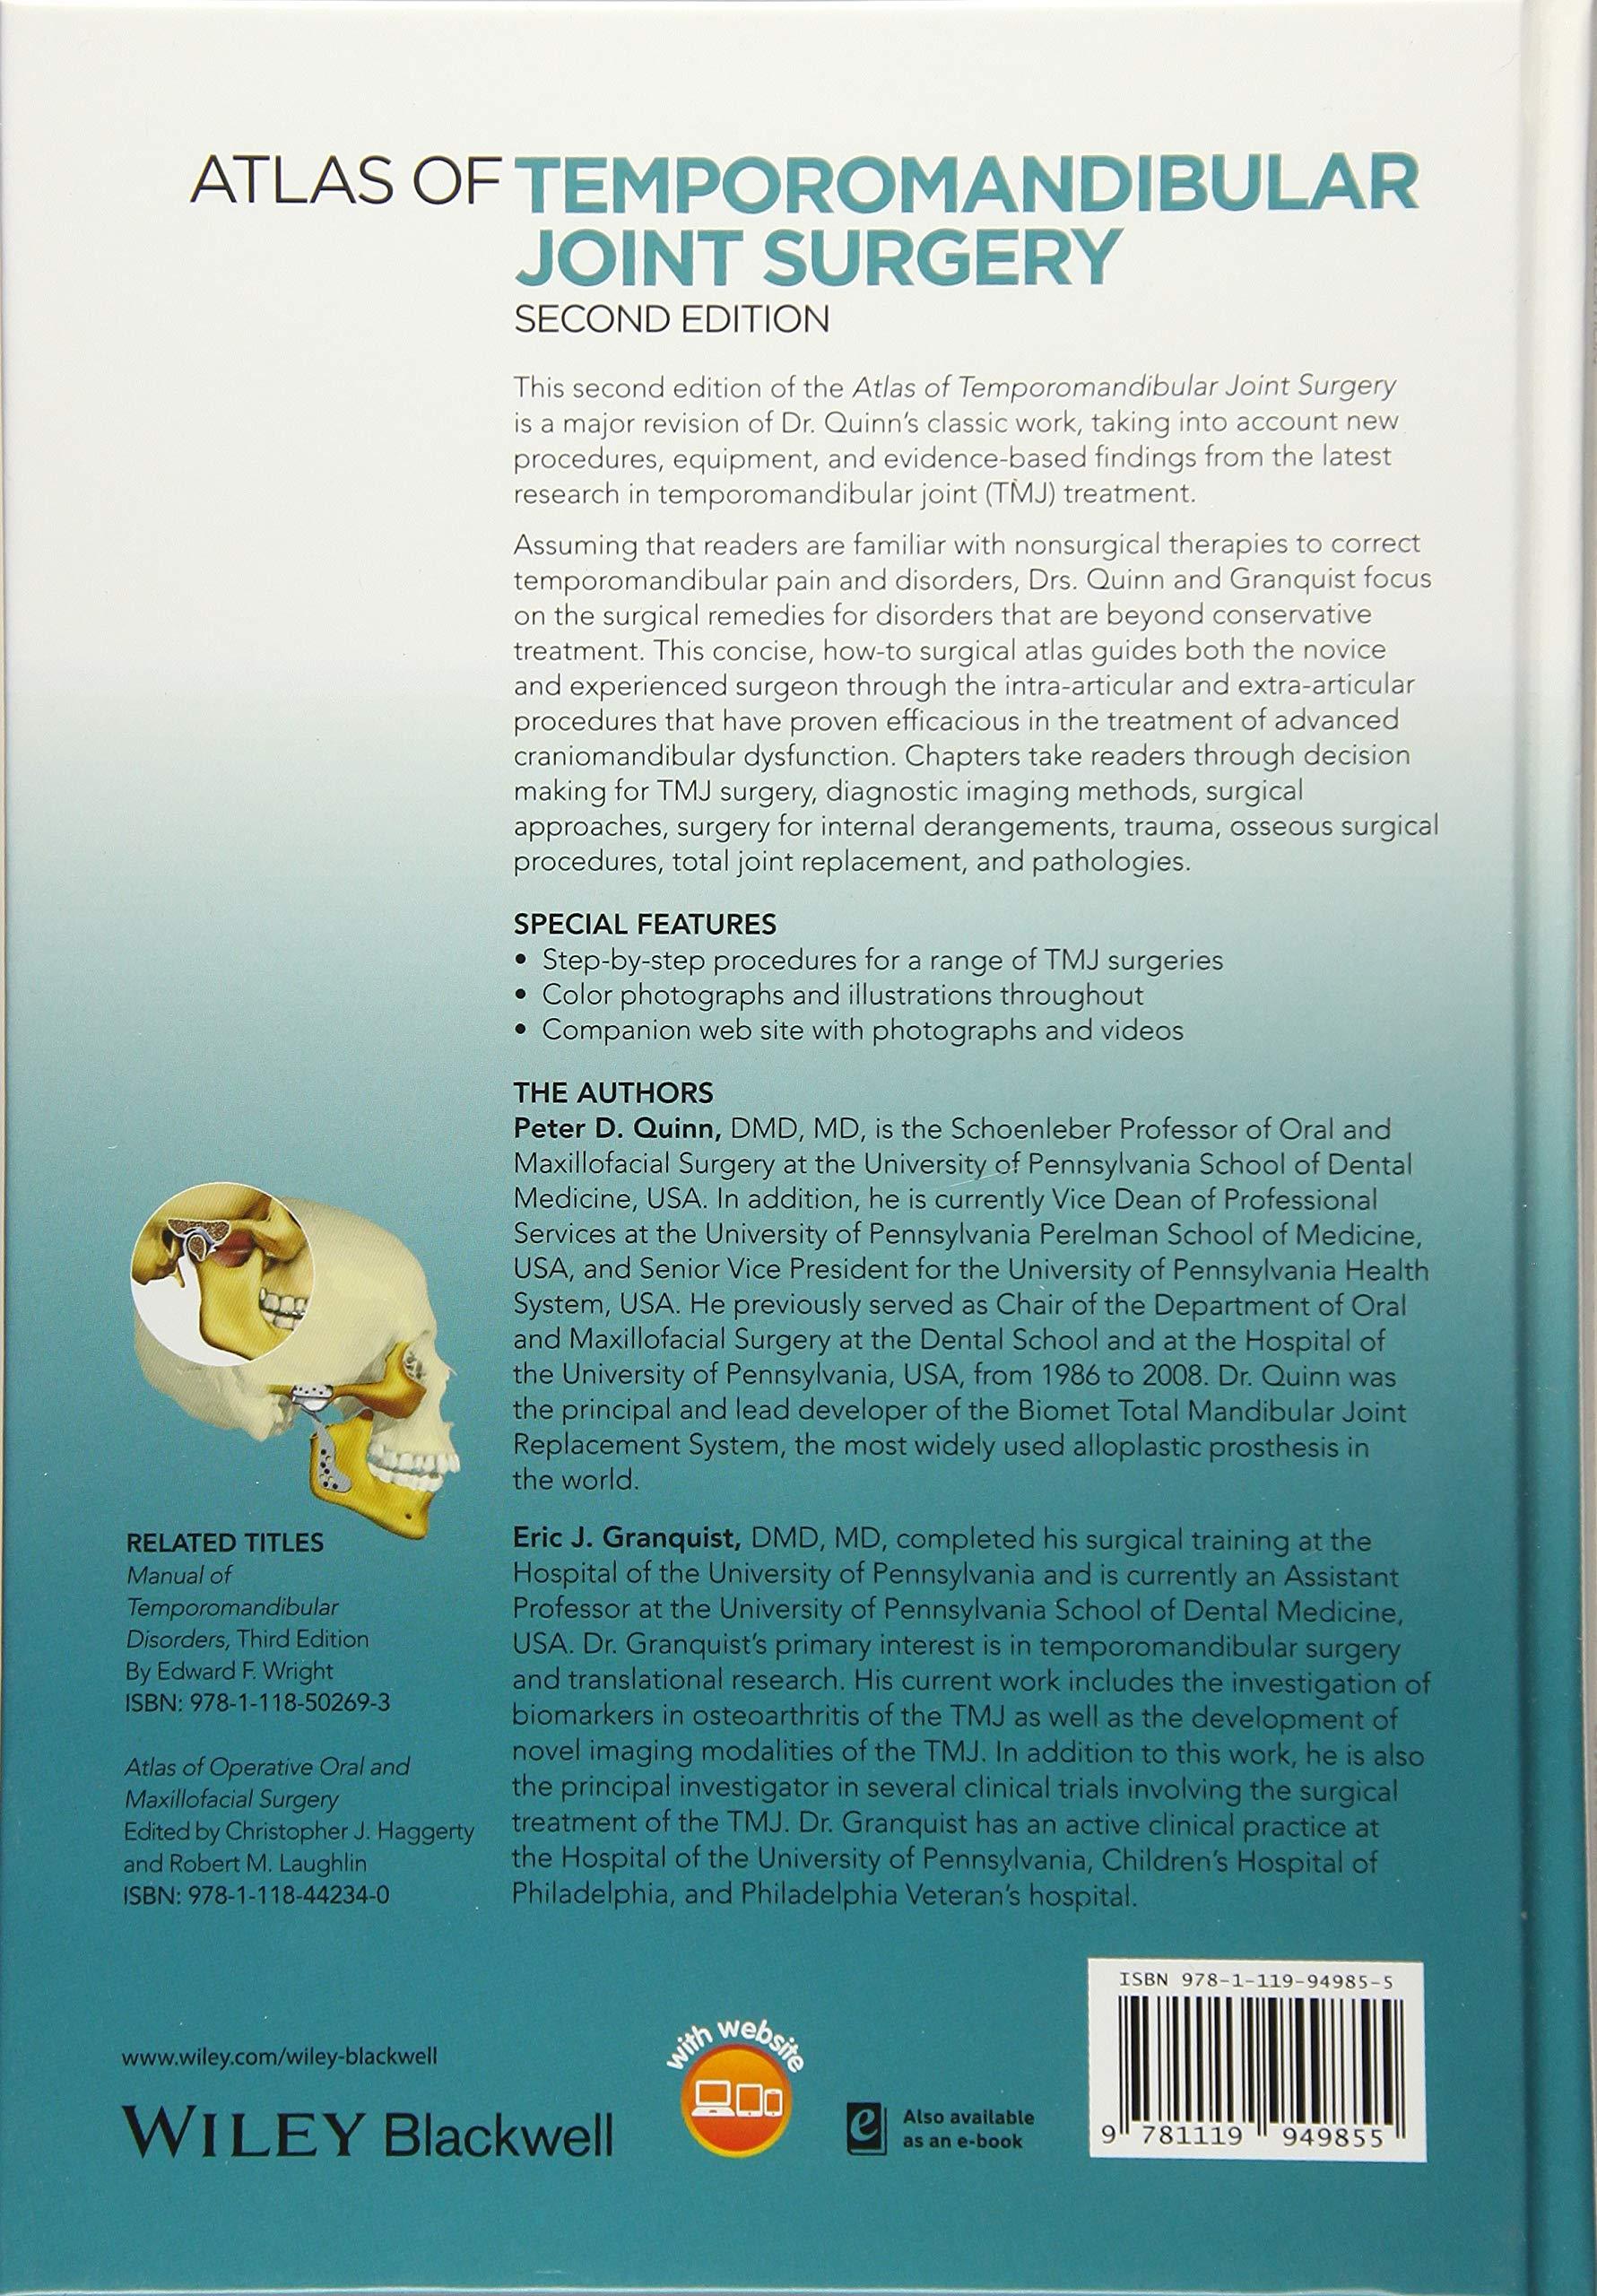 atlas of temporomandibular joint surgery ebook